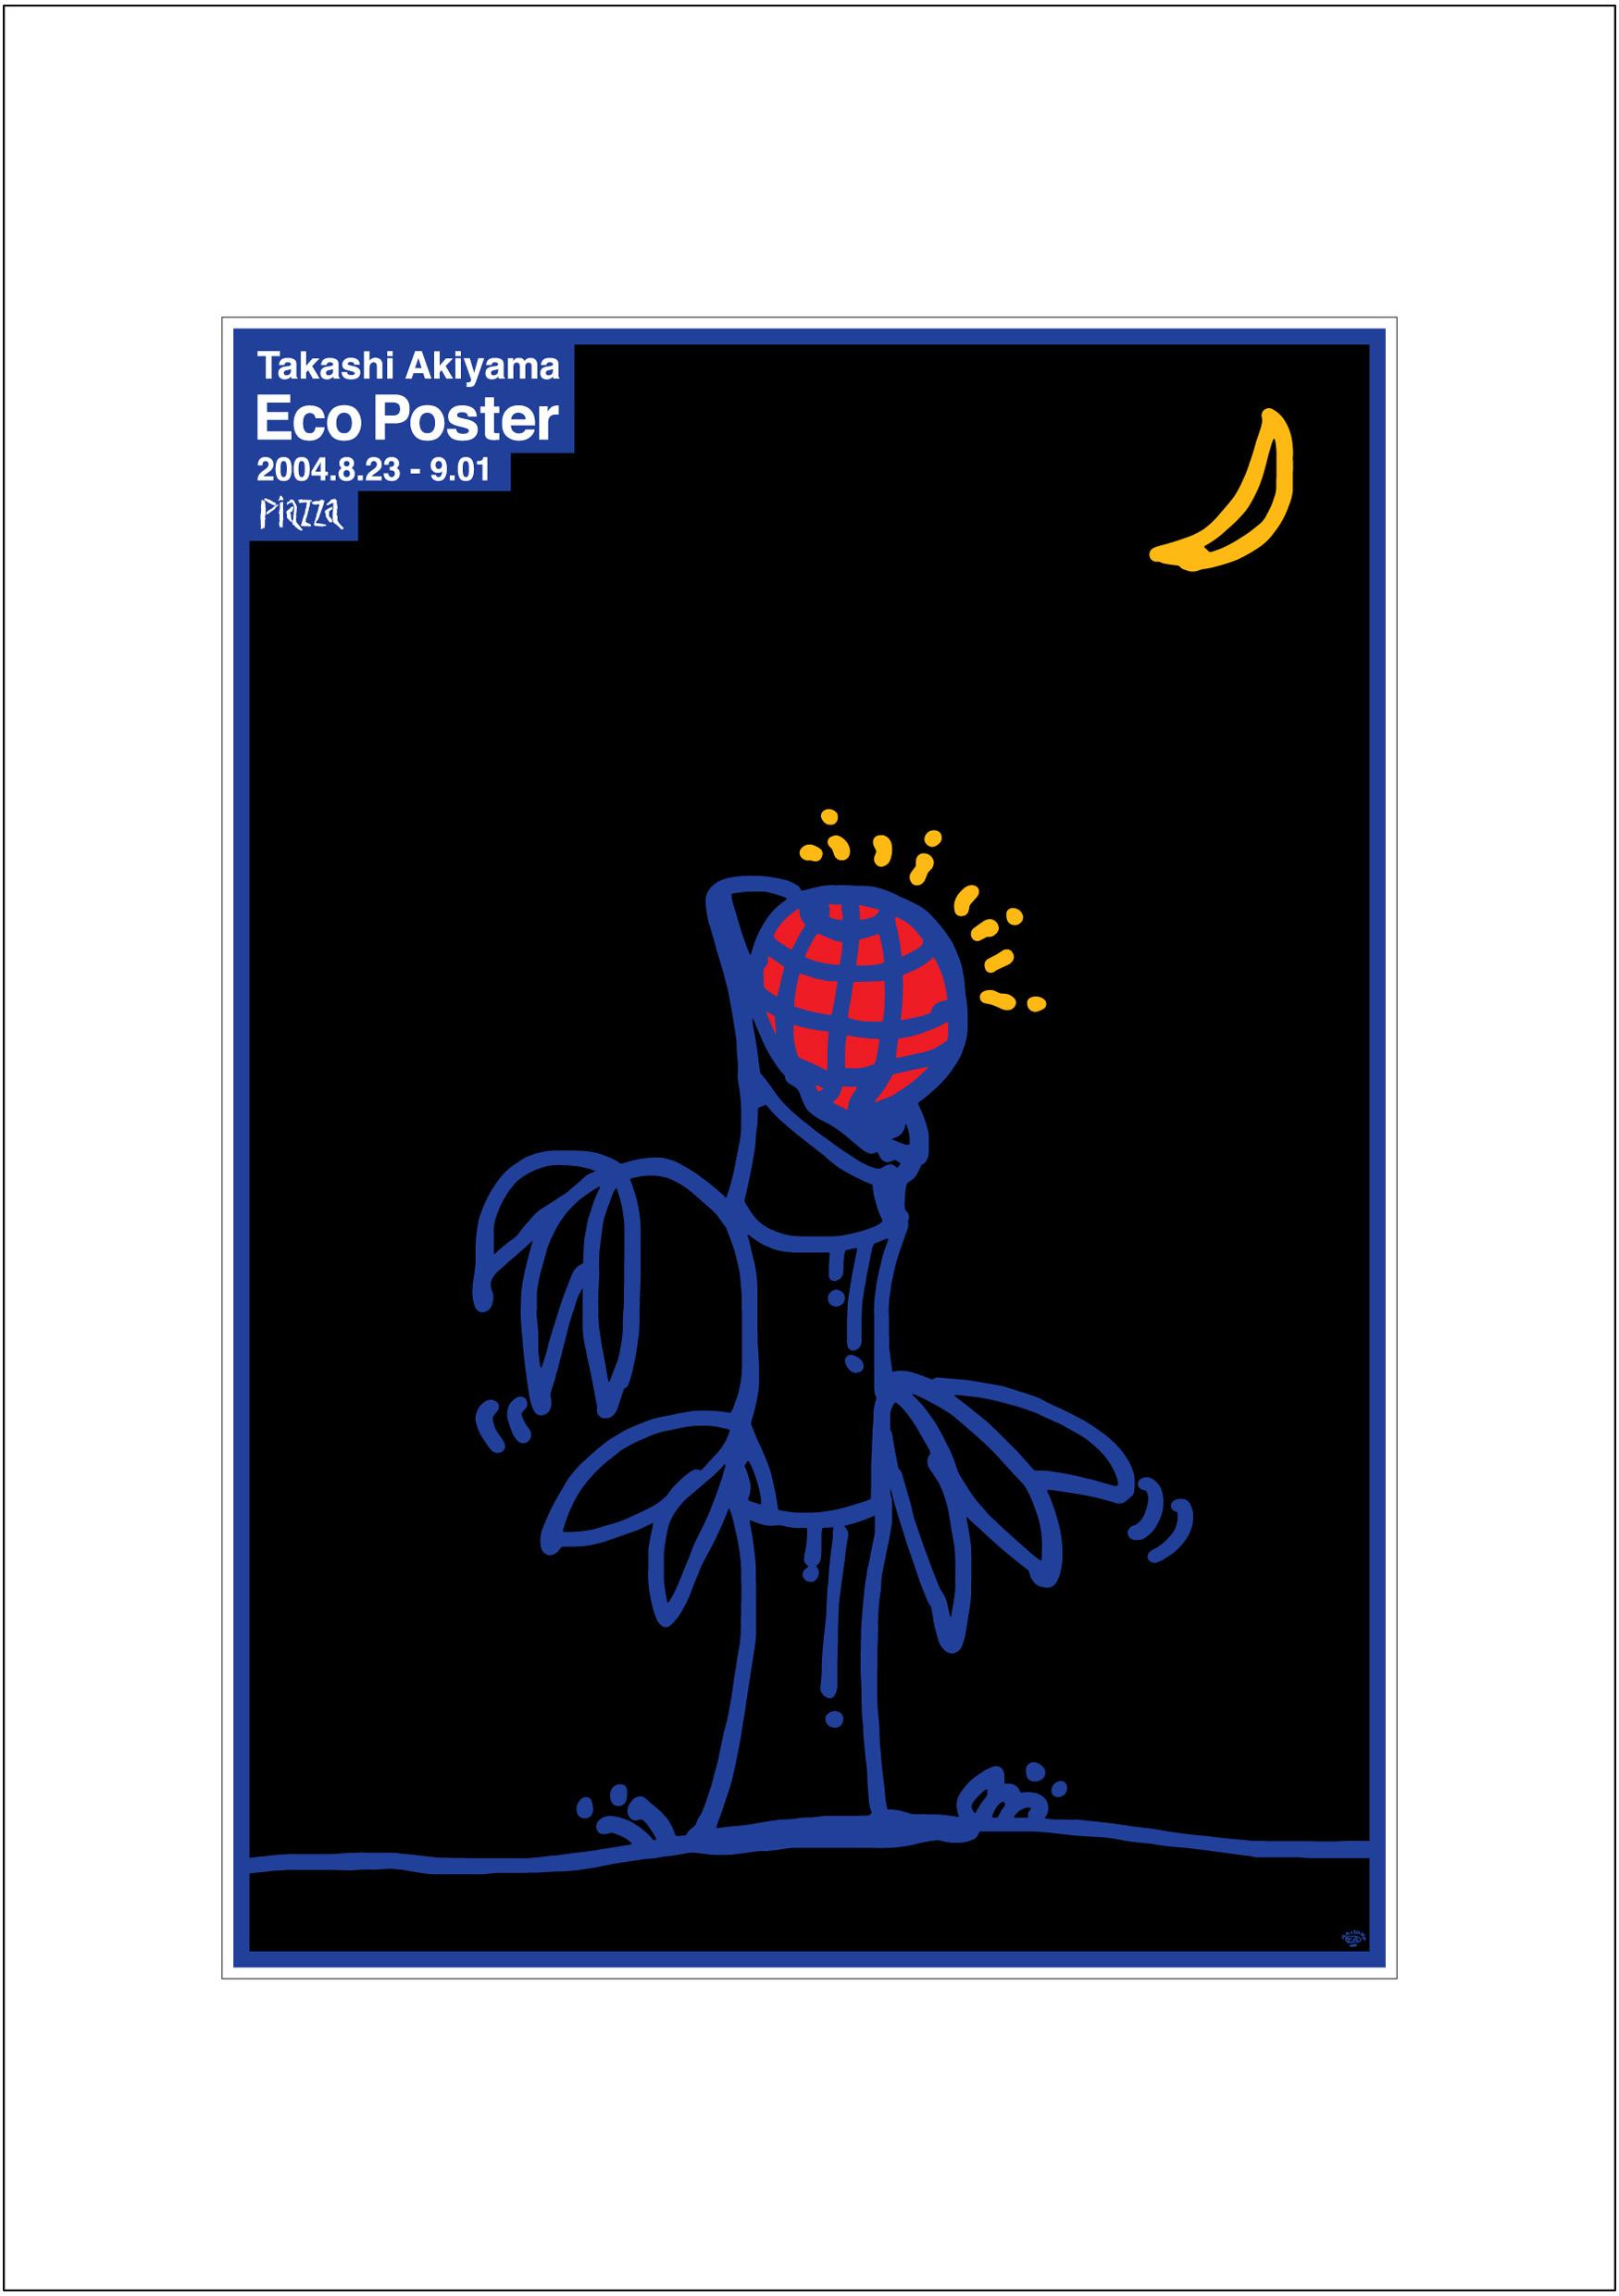 ポスターアーティスト秋山孝が2009年に制作したアートカード「アートカード ポスター 2004 04」